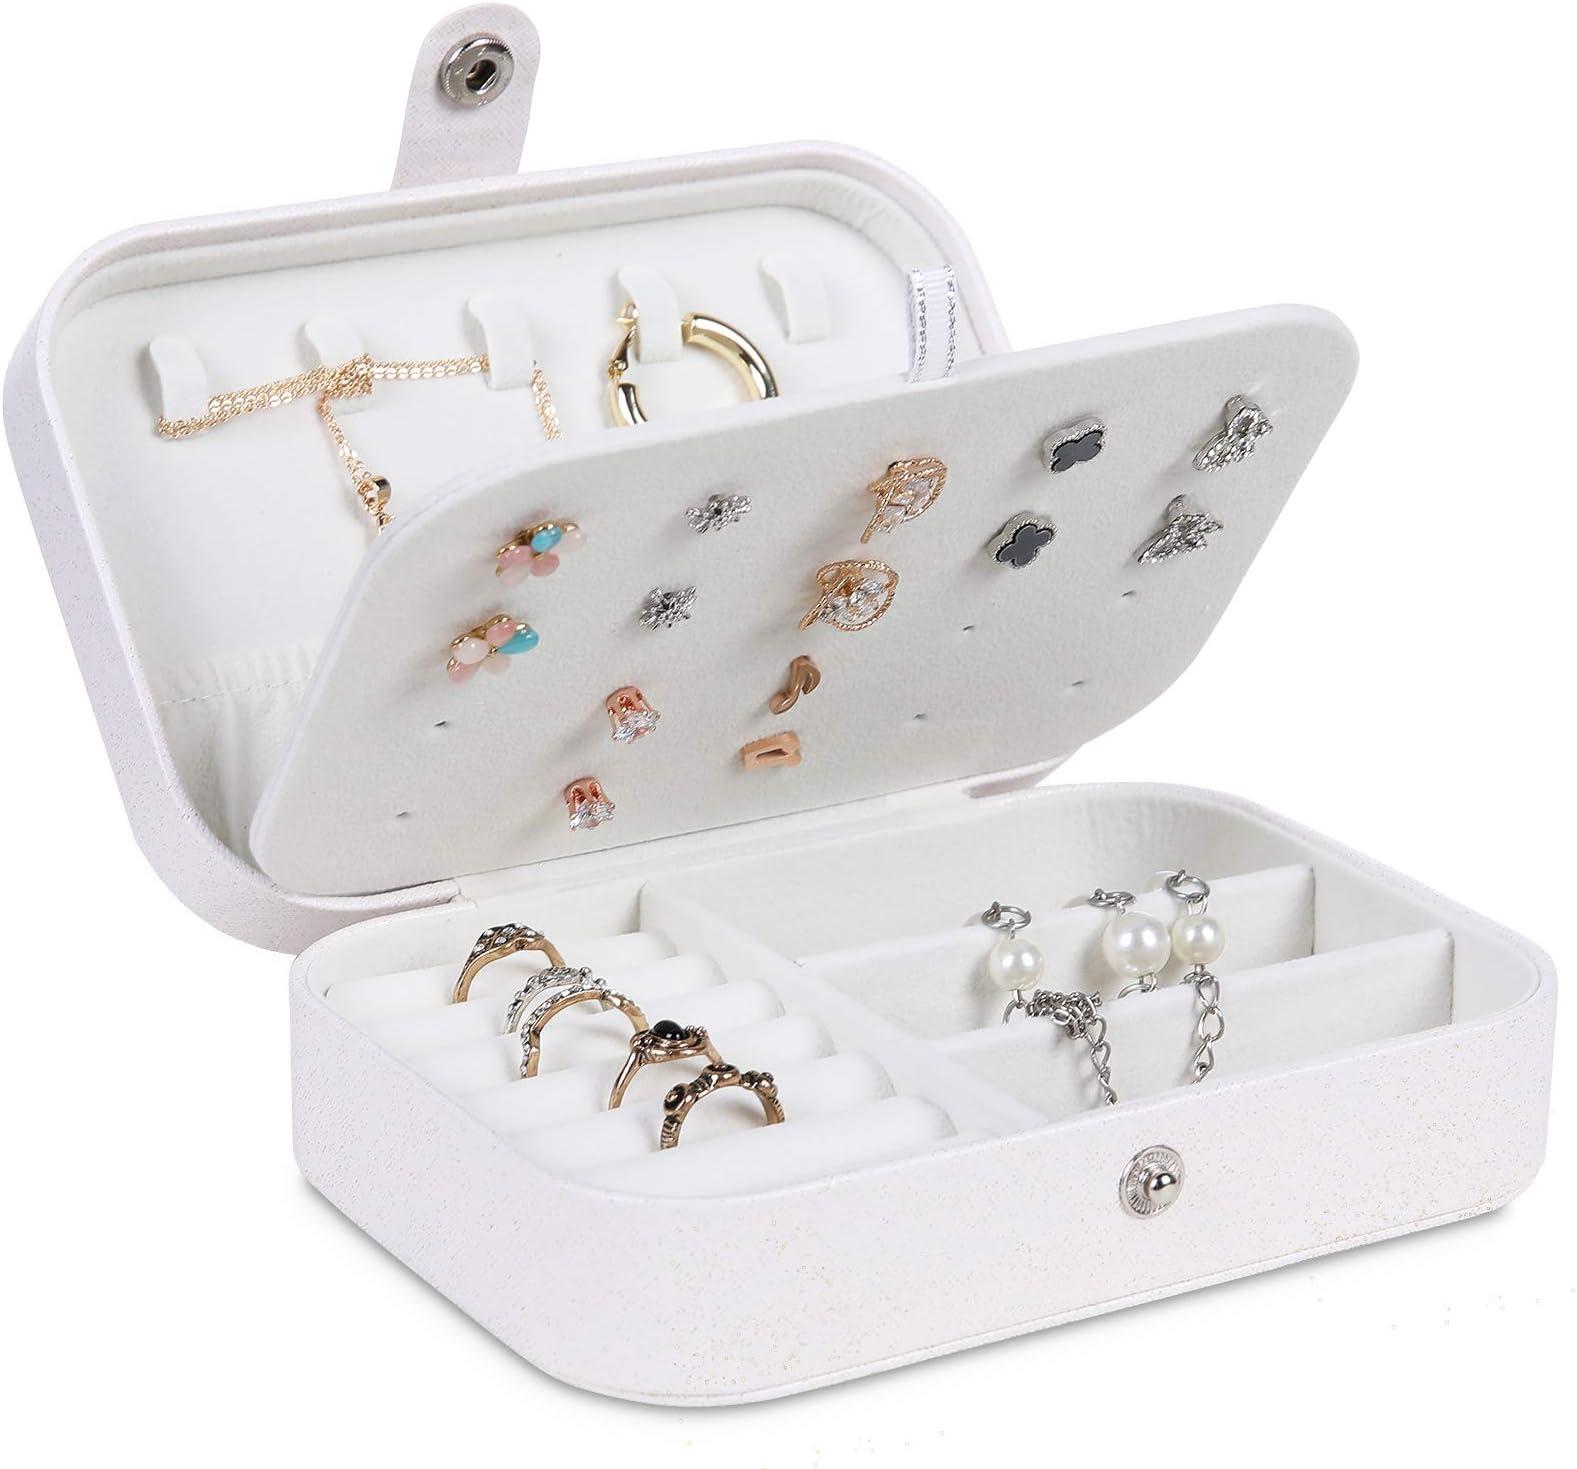 Glitterleather BRACELET in BABY PINK Jewellery